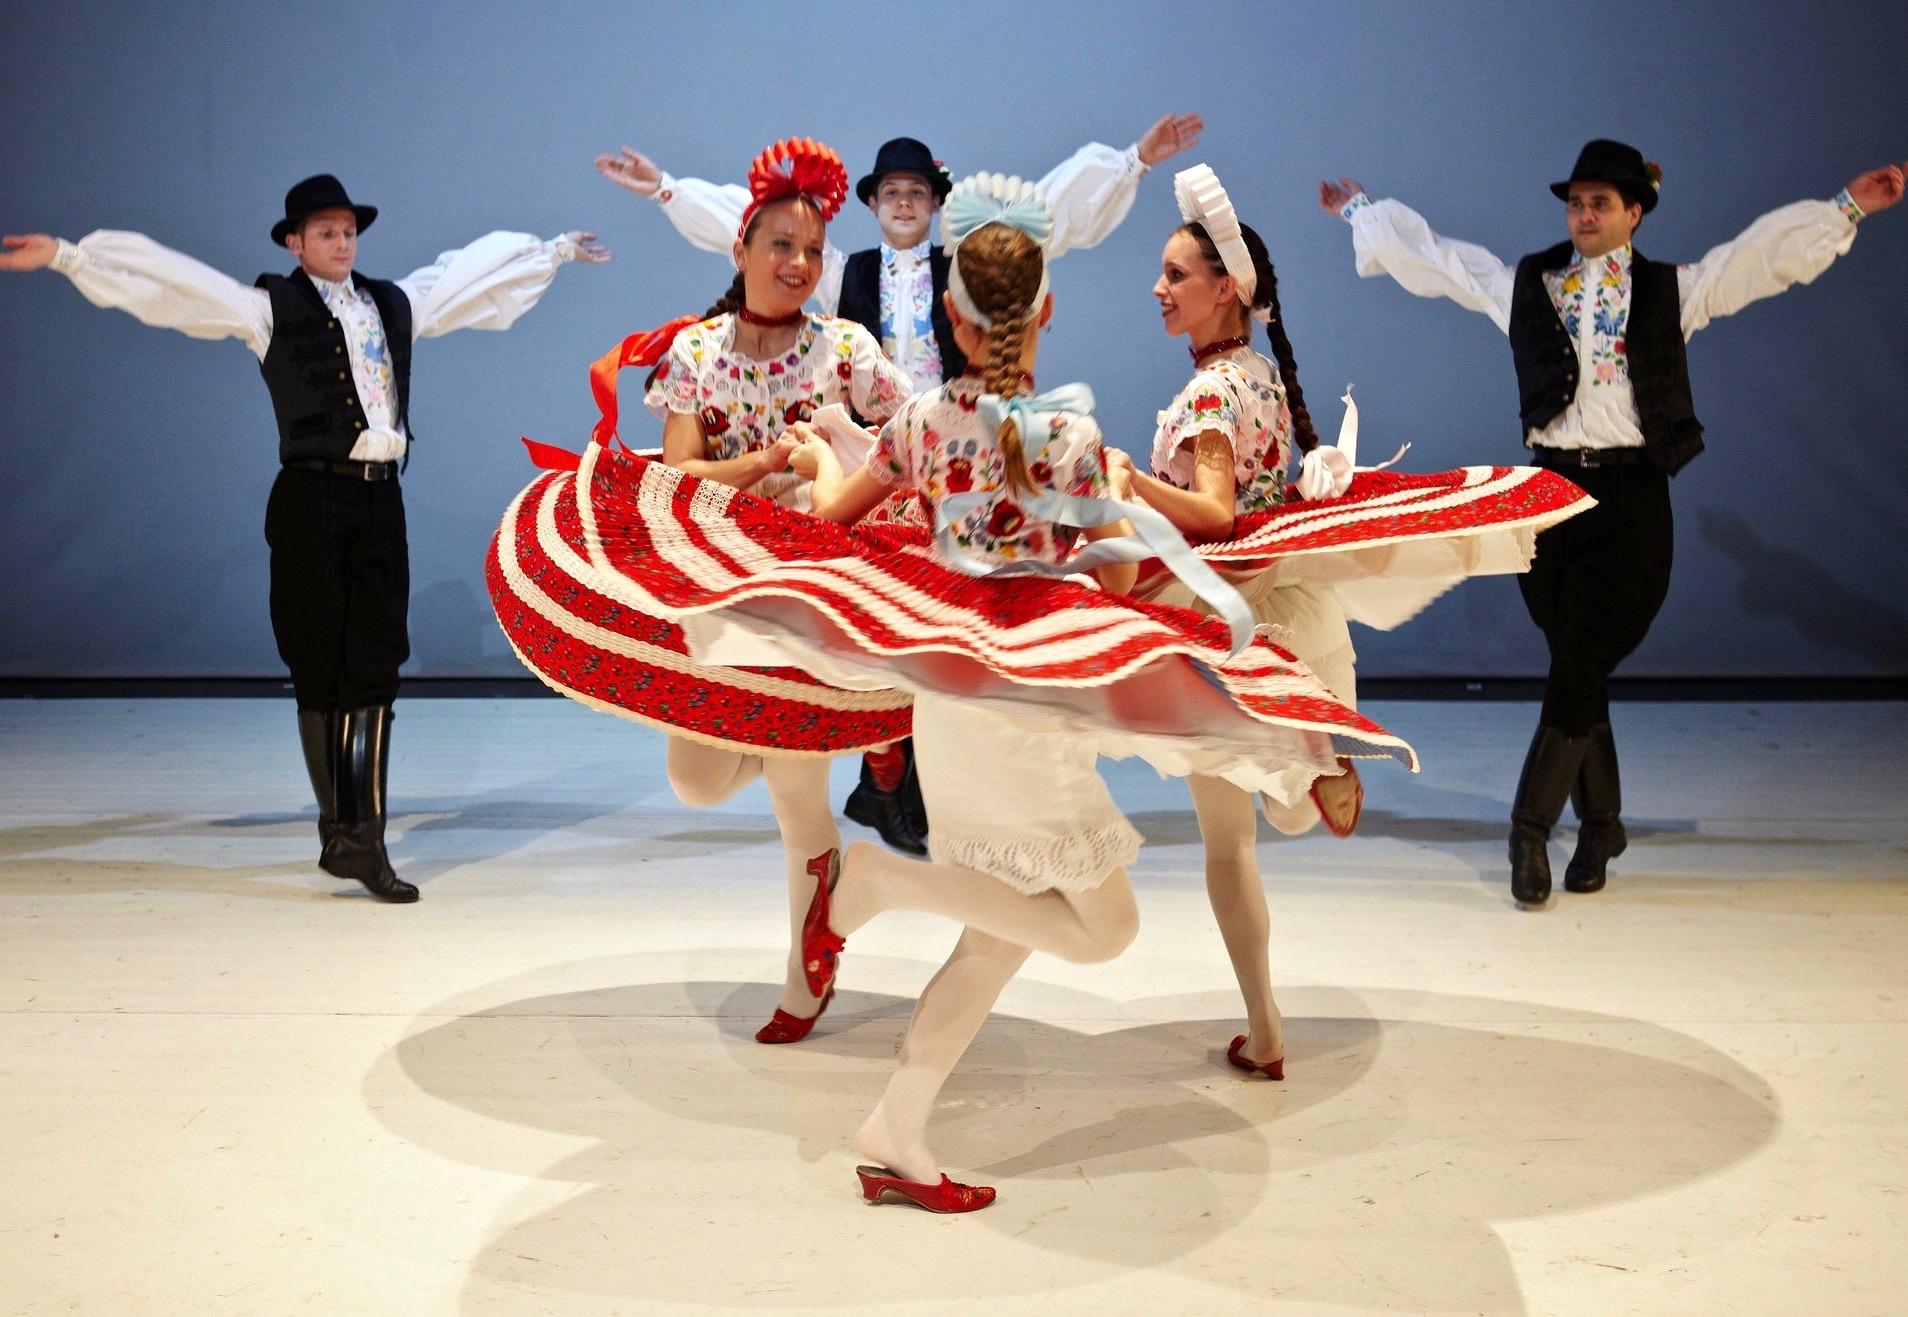 Bailarines folclóricos húngaros vestidos con trajes de colores que bailan una danza tradicional.